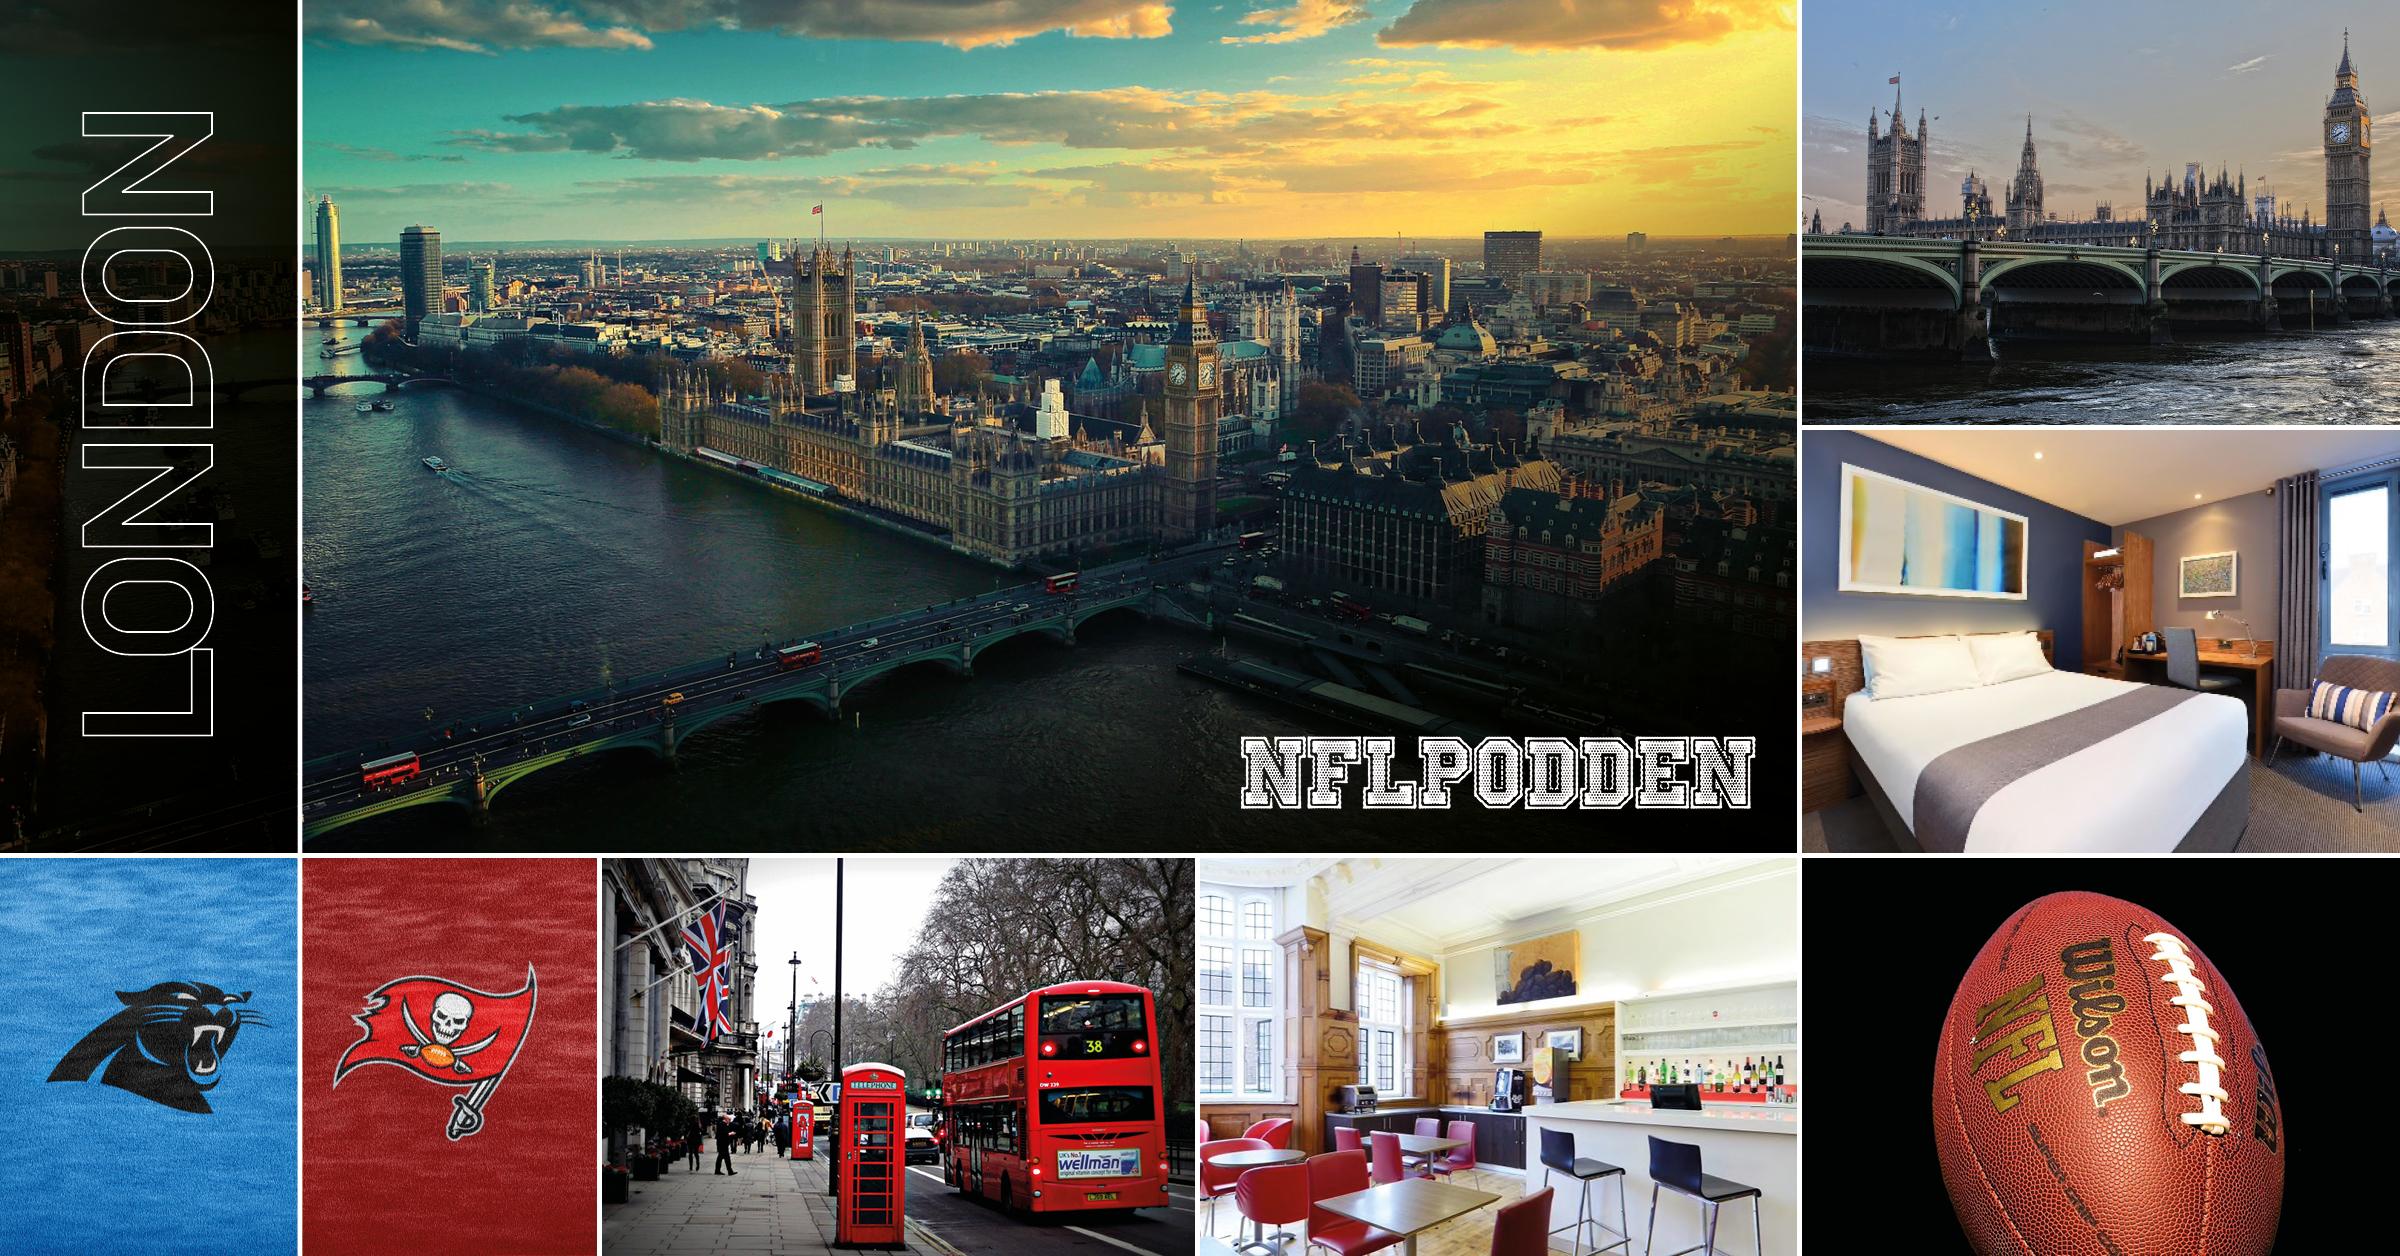 NFL-resa London - 12 - 14 oktober Har du drömt om att se en NFL-match - då har du verkligen chansen nu och dessutom på europeisk mark när NFL återigen kommer till London för mötet mellan Panthers - Buccaneers.